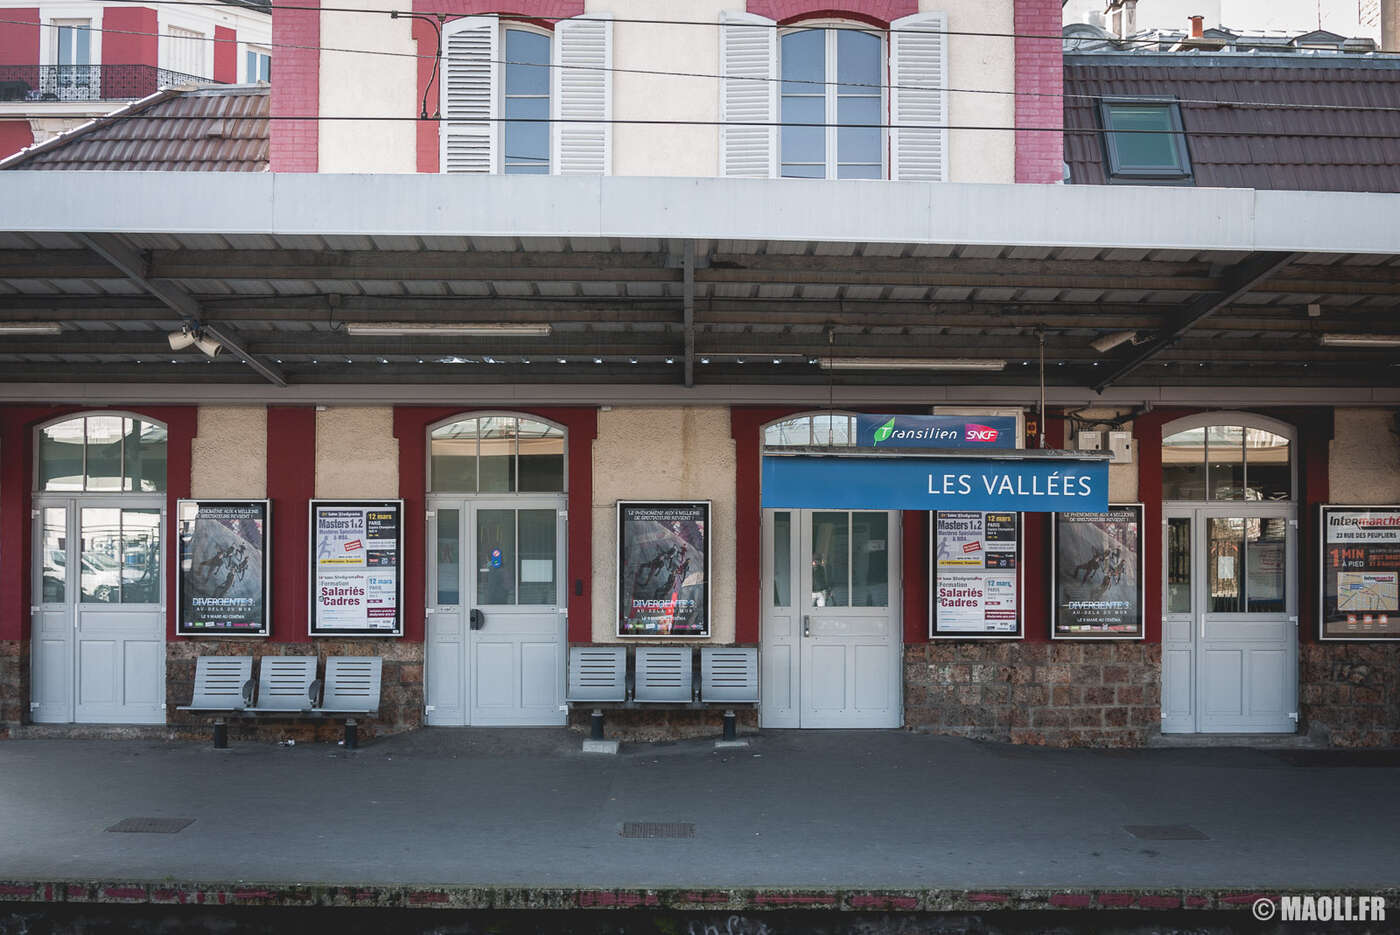 Gare des Vallées